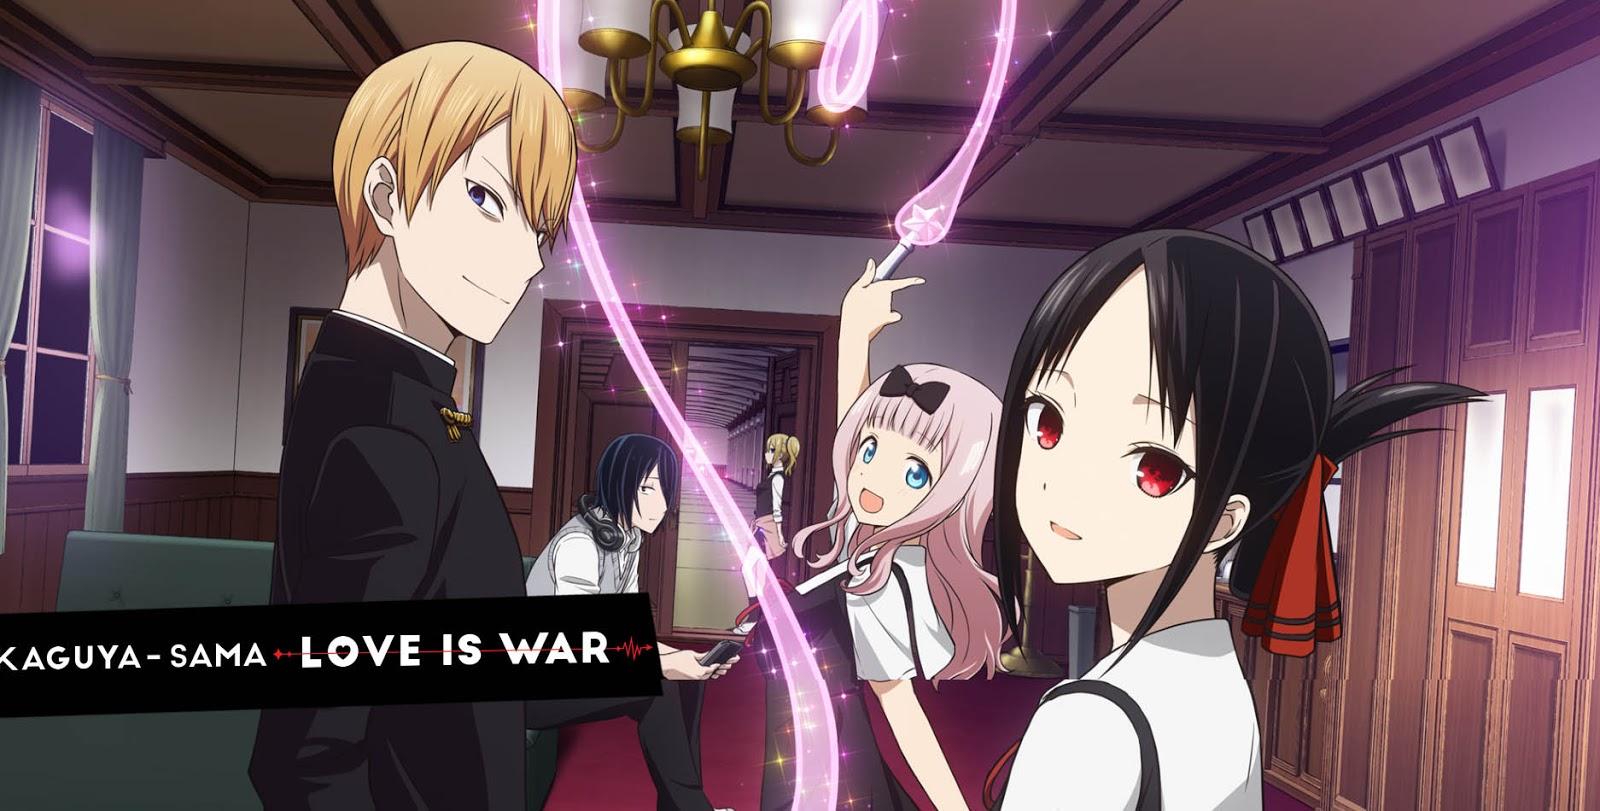 Kaguya-Sama: Love is War / Kaguya-sama wa Kokurasetai ...